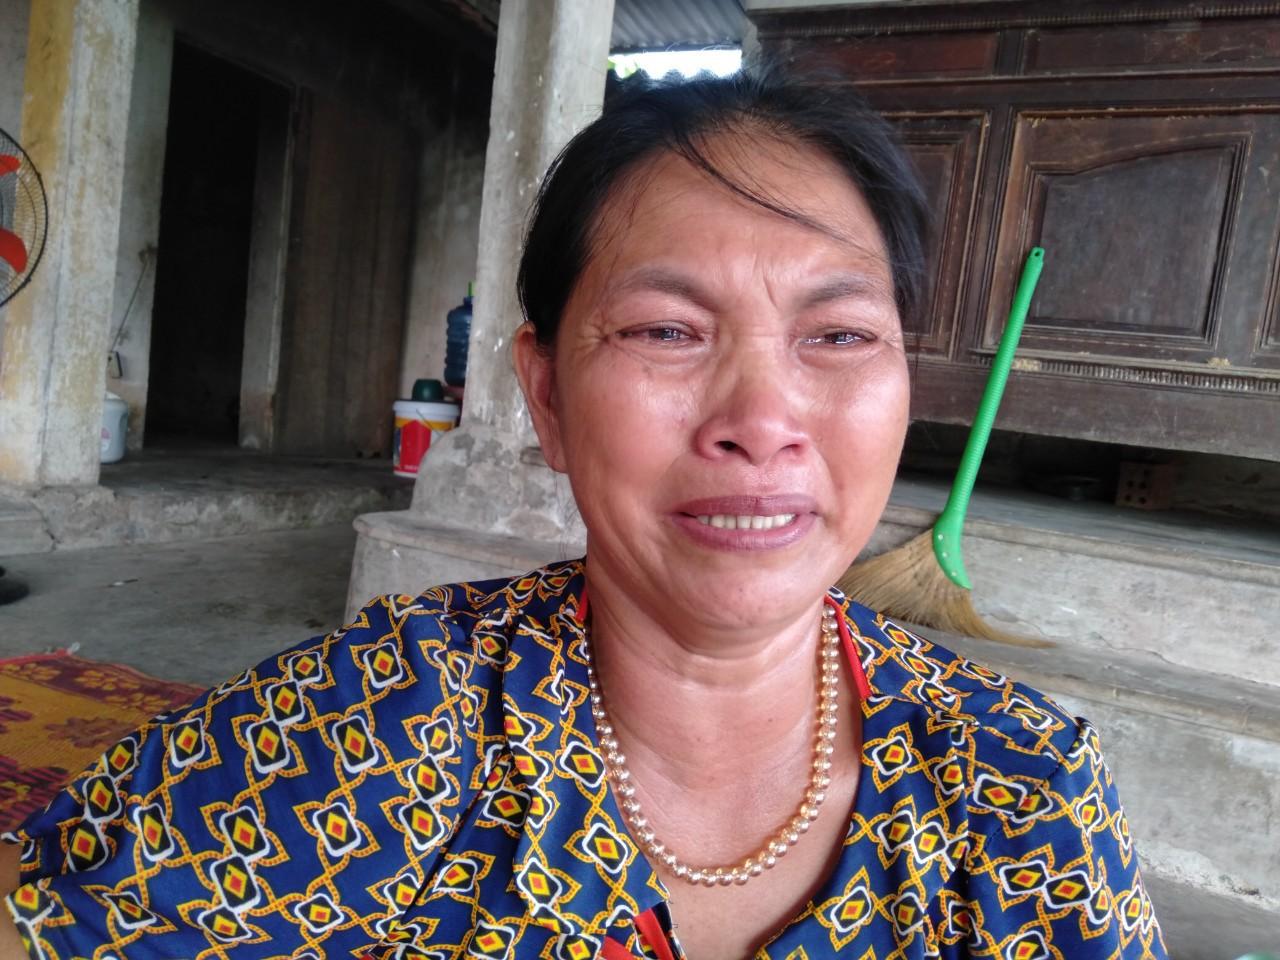 Tiếng khóc xé lòng của bé gái 3 tuổi mắc bệnh hiểm nghèo: Bà ơi, cháu đau lắm, sao bố mẹ mãi không về hả bà?-7